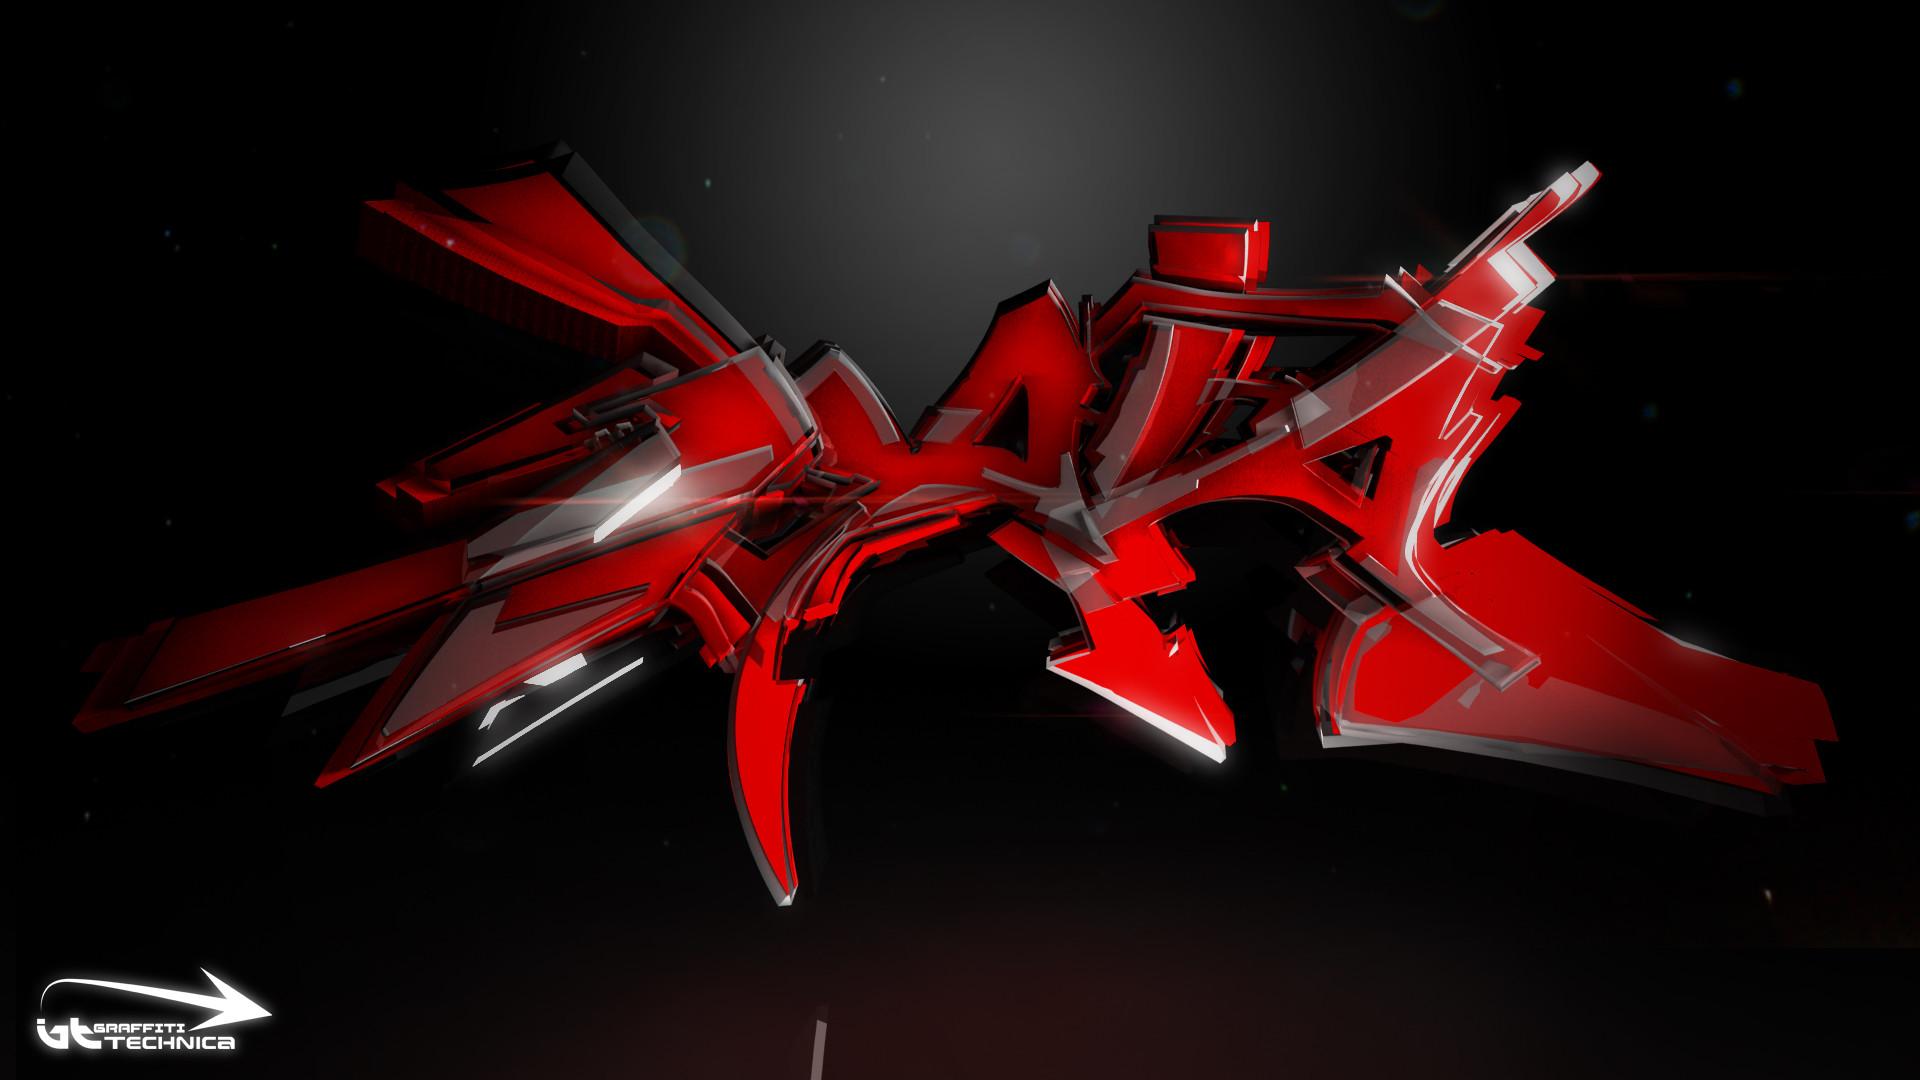 3d graffiti wallpaper downloads